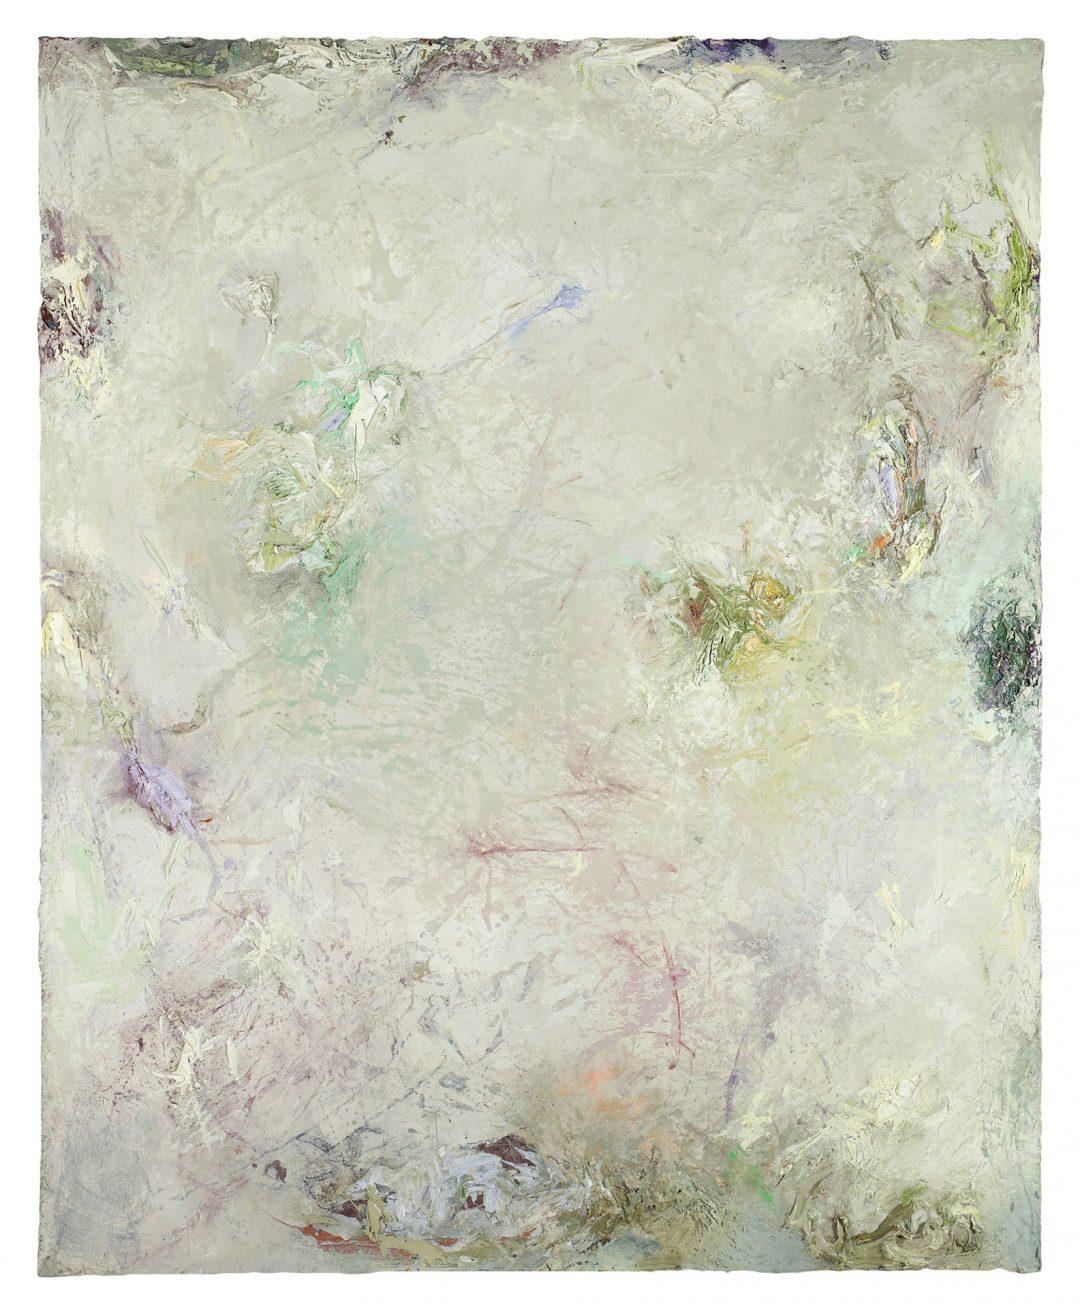 anne-manoli-2018-peinture-huile-emulsion-et-cire-sur-toile-165cmx133cm-serie-les-moires-galerie-nicolas-deman-paris-